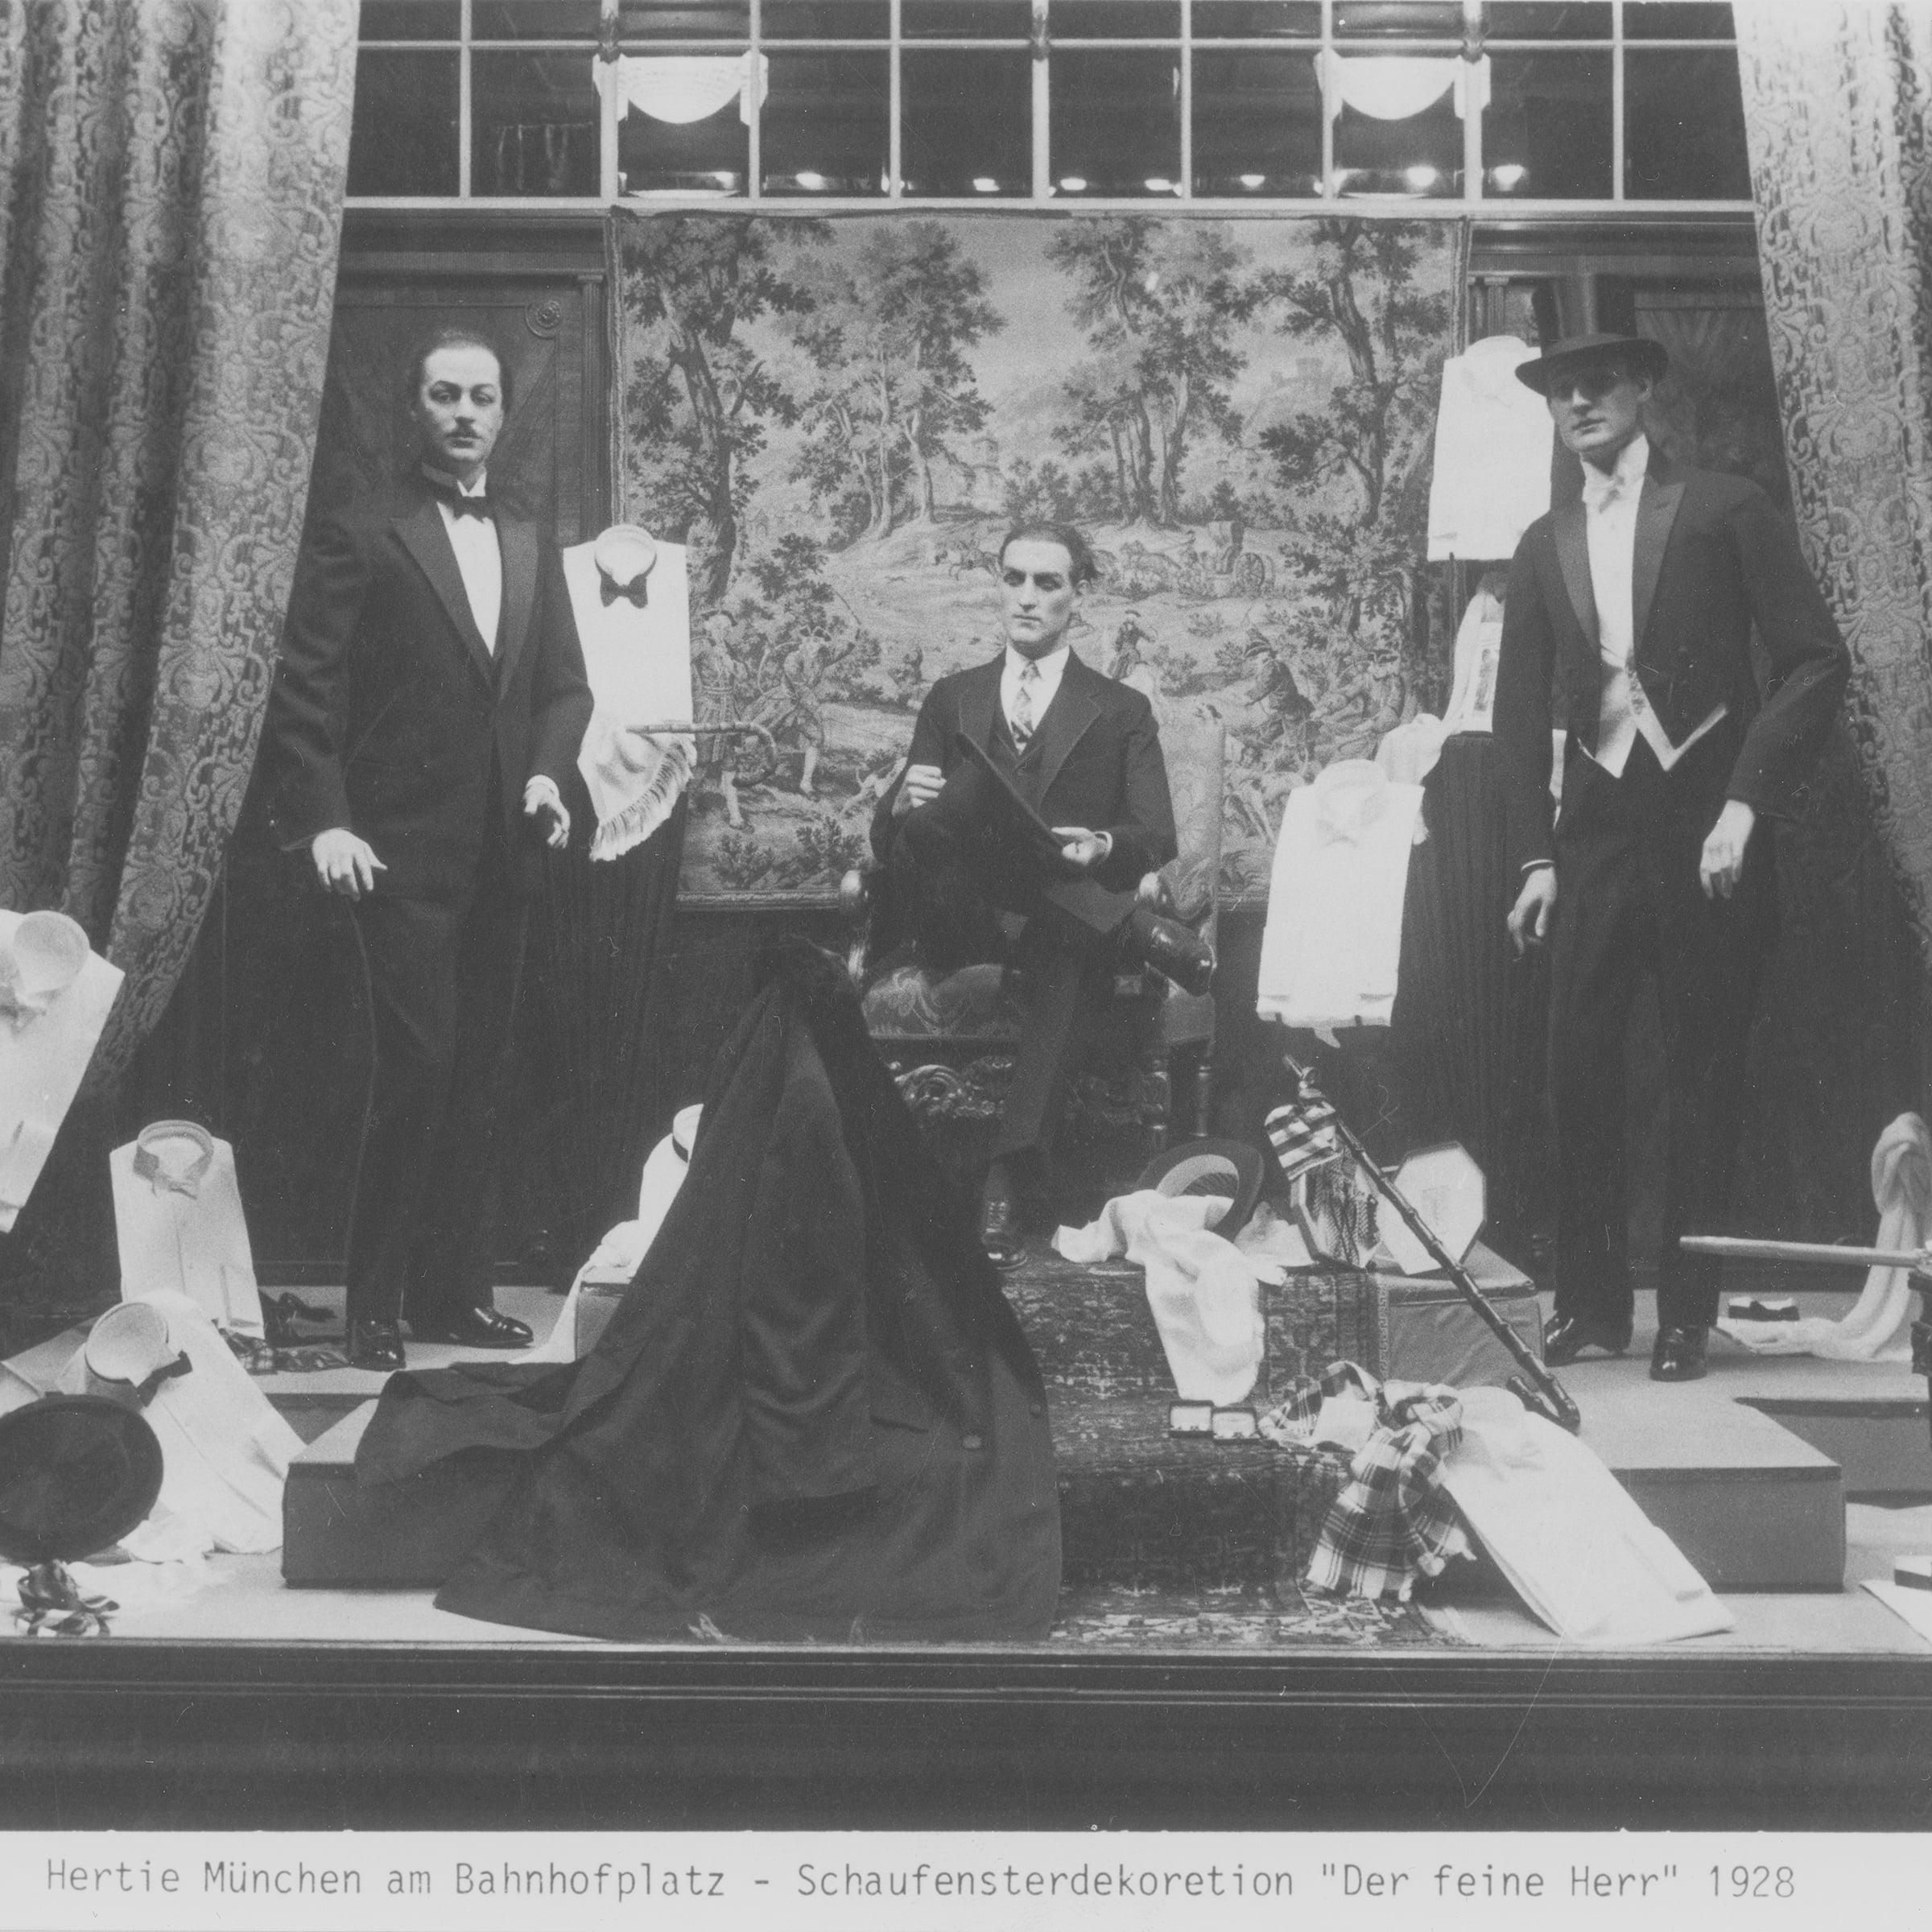 Schwarzweissfotografie der Schaufensterdekoration des Warenhauses aus dem Jahr 1928